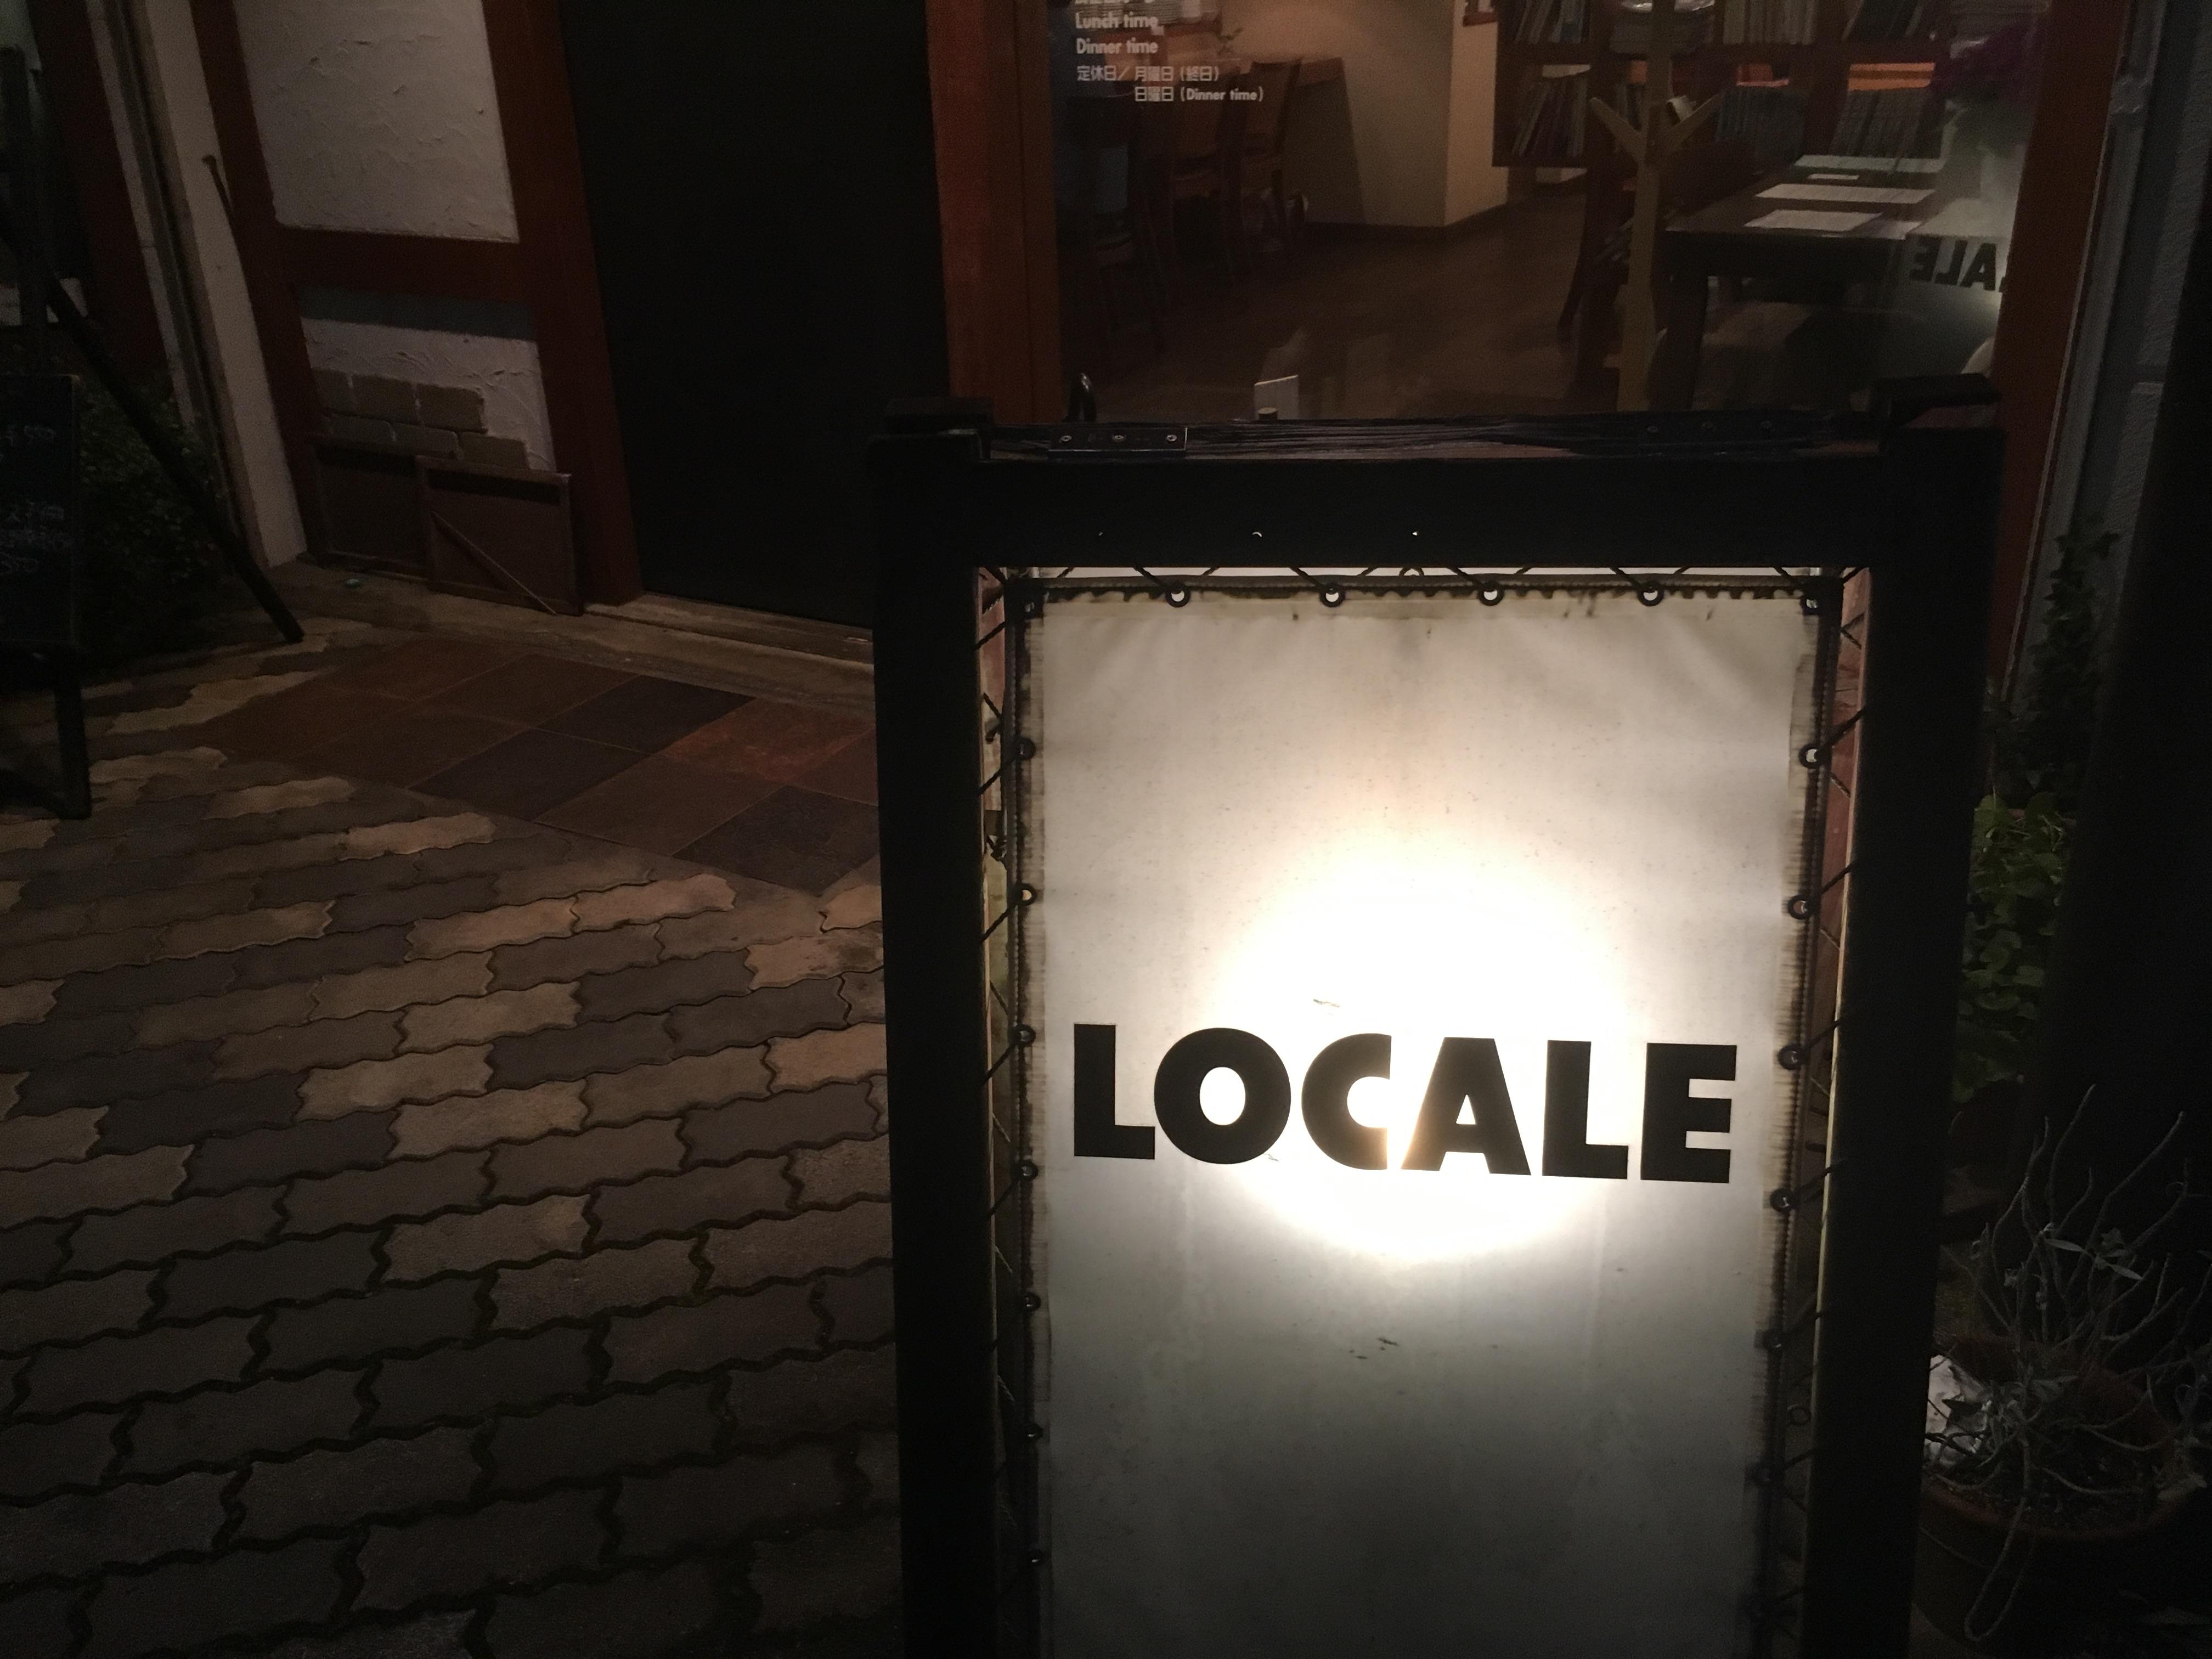 JR伊予大洲駅近く!大洲のイタリアン食堂 「LOCALE」(ロカーレ)さんでディナーを楽しんできたよ!